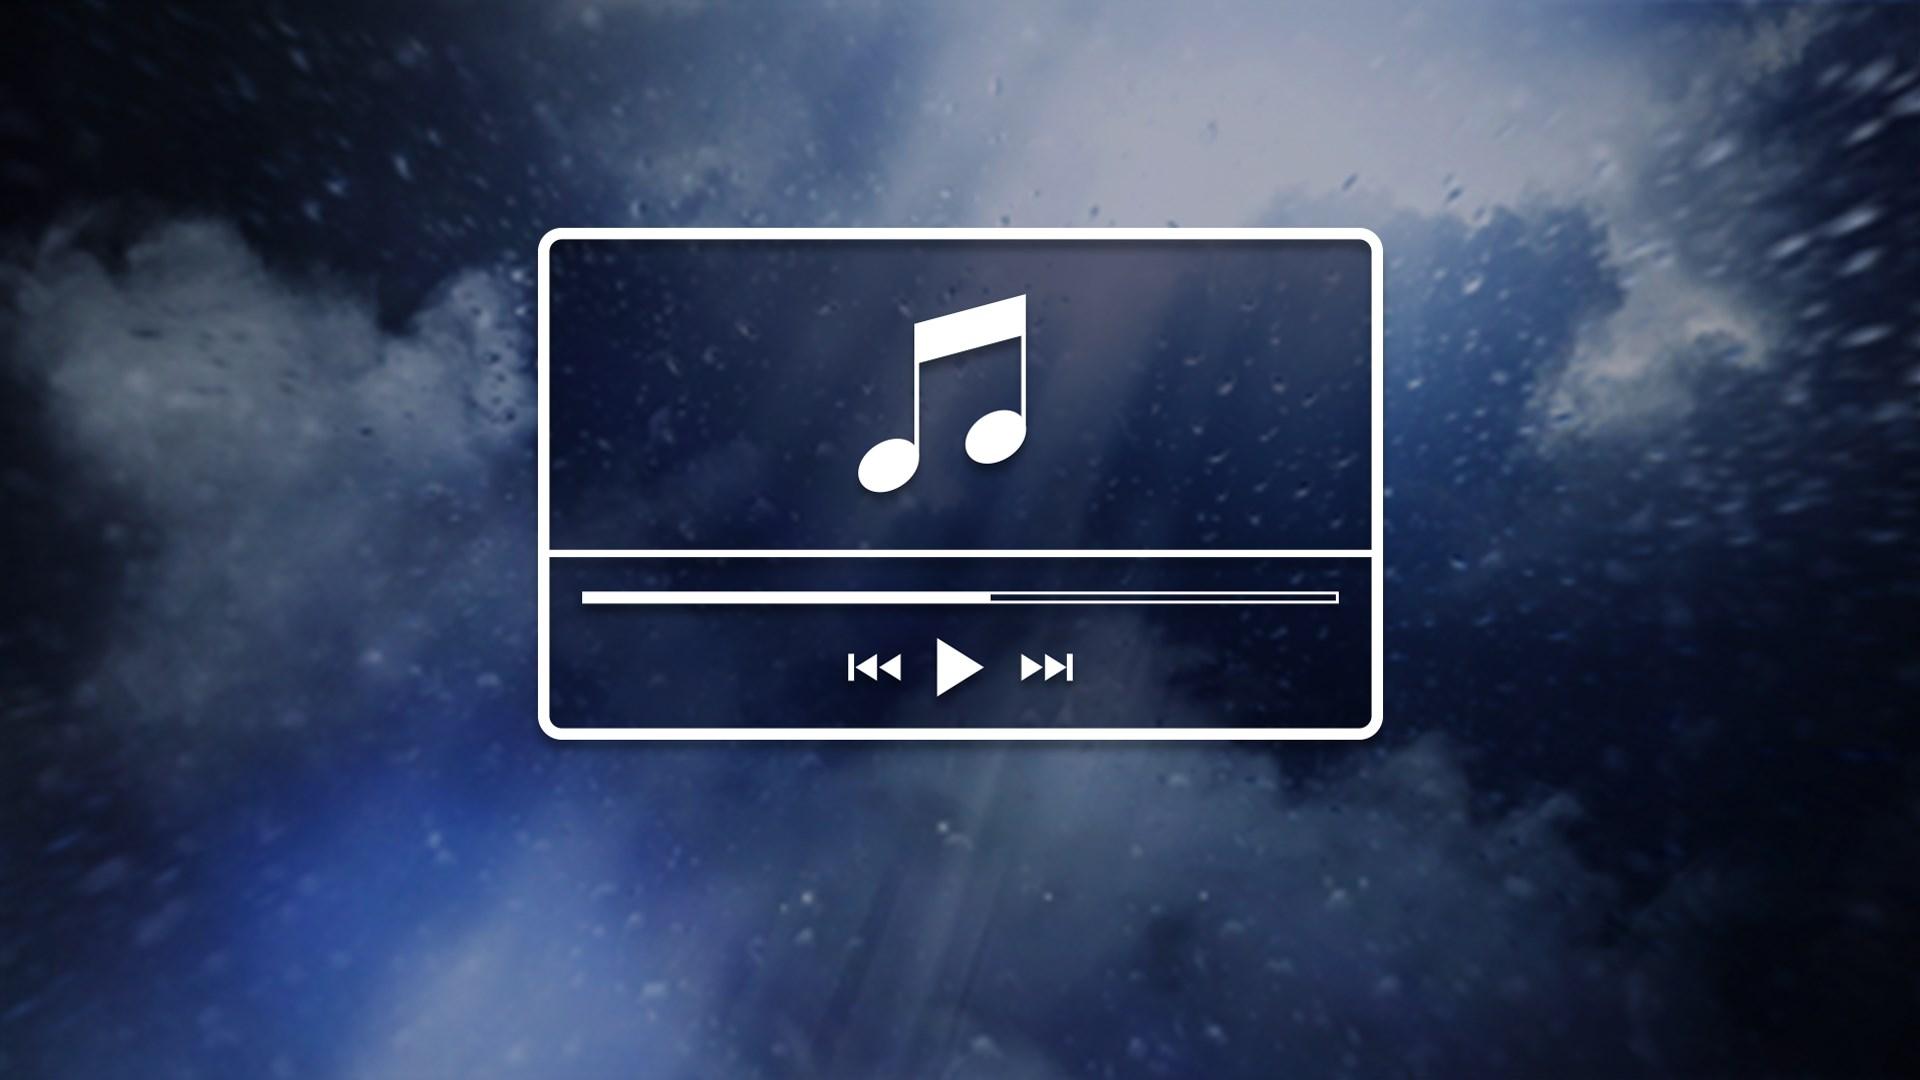 لیست نرم افزار های موزیک پلیر محبوب ویندوز